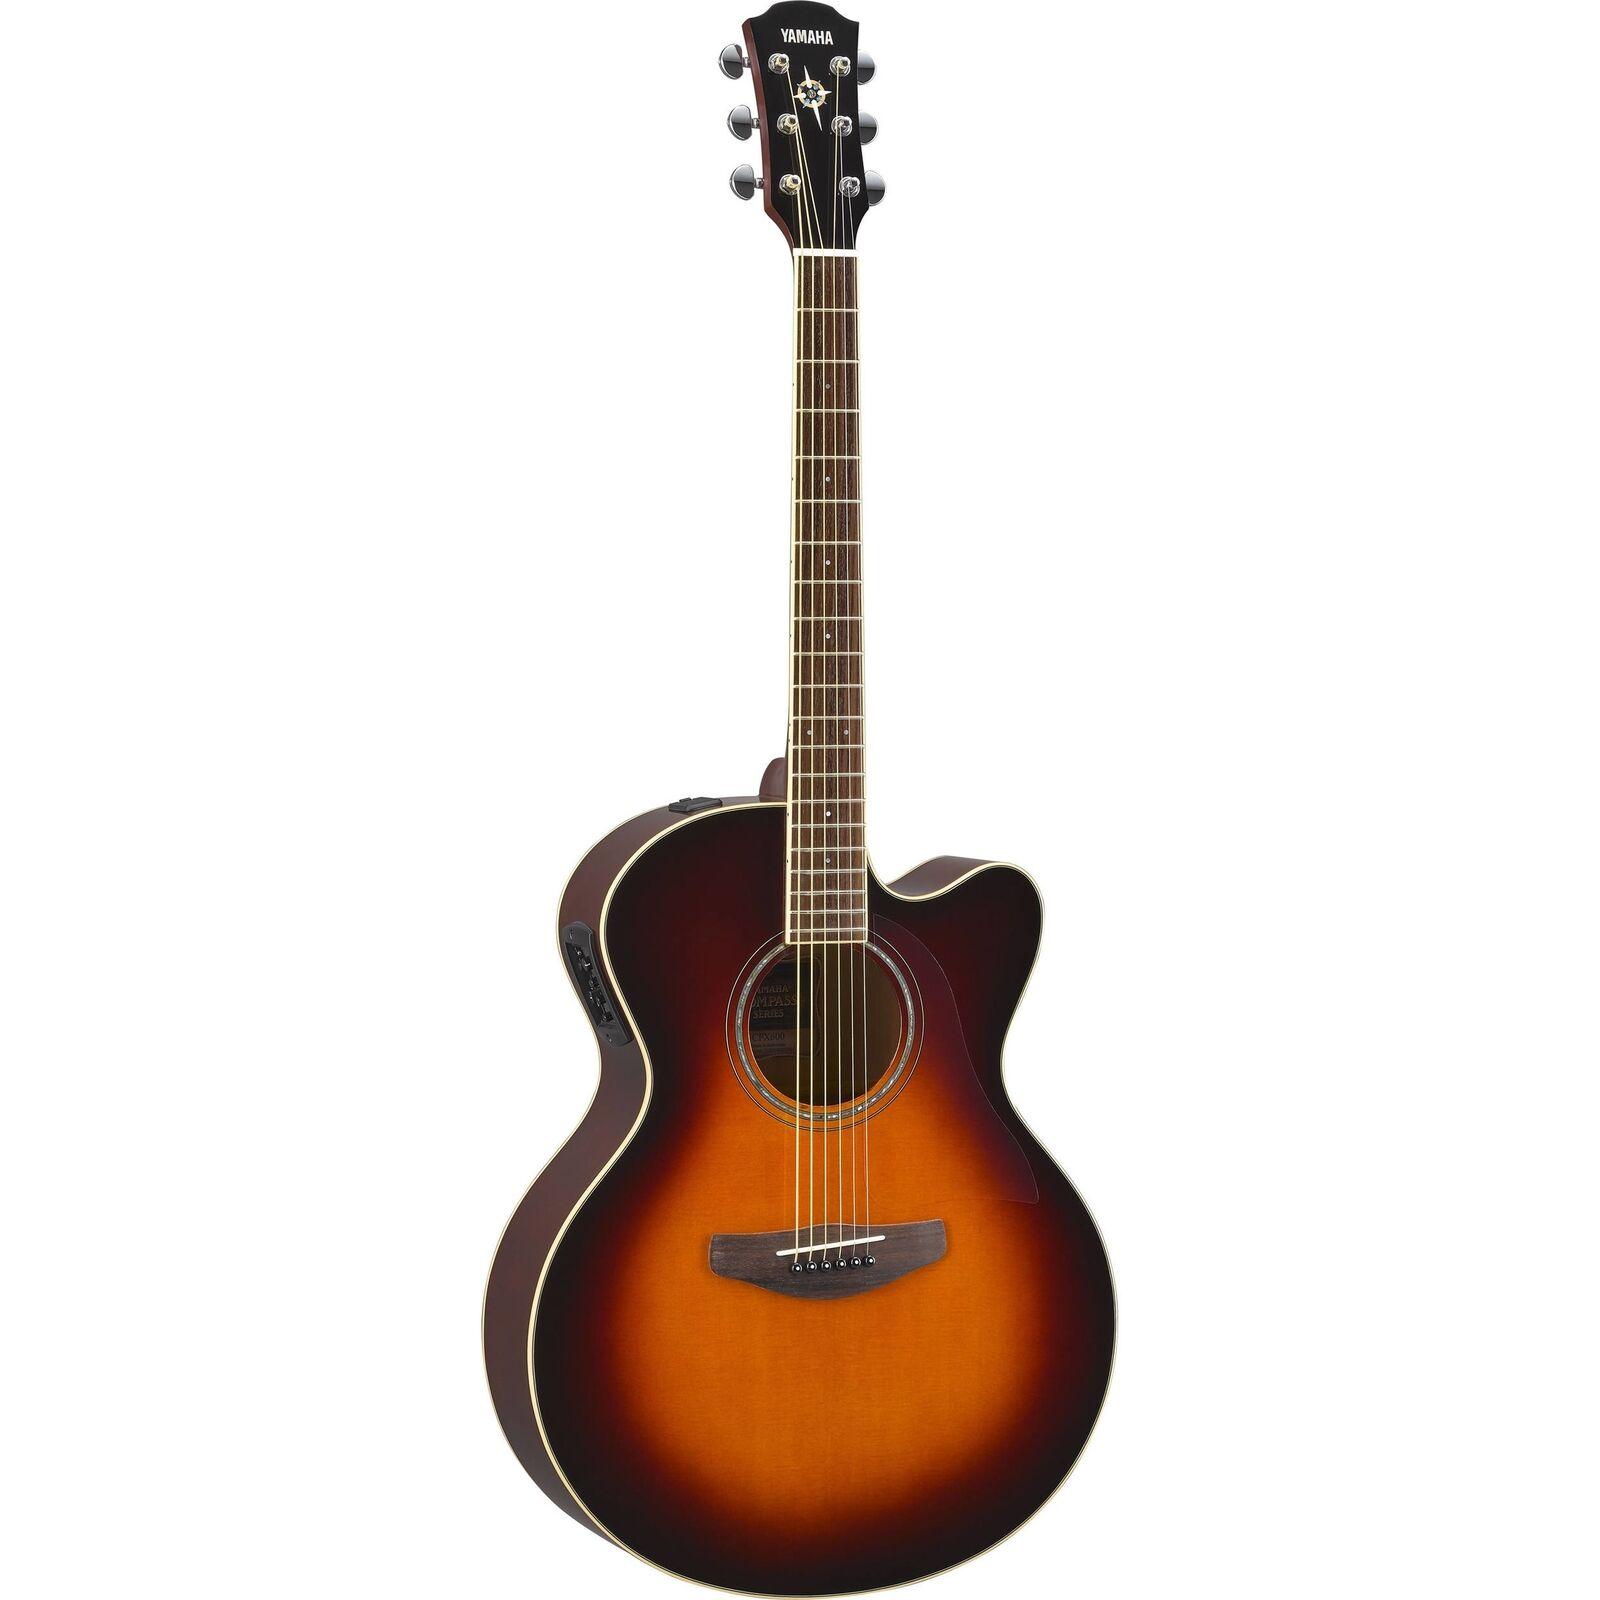 Yamaha Guitarra Acústica CPX600 OVS OVS OVS Antiguo Violín Sunburst electrificado  80% de descuento